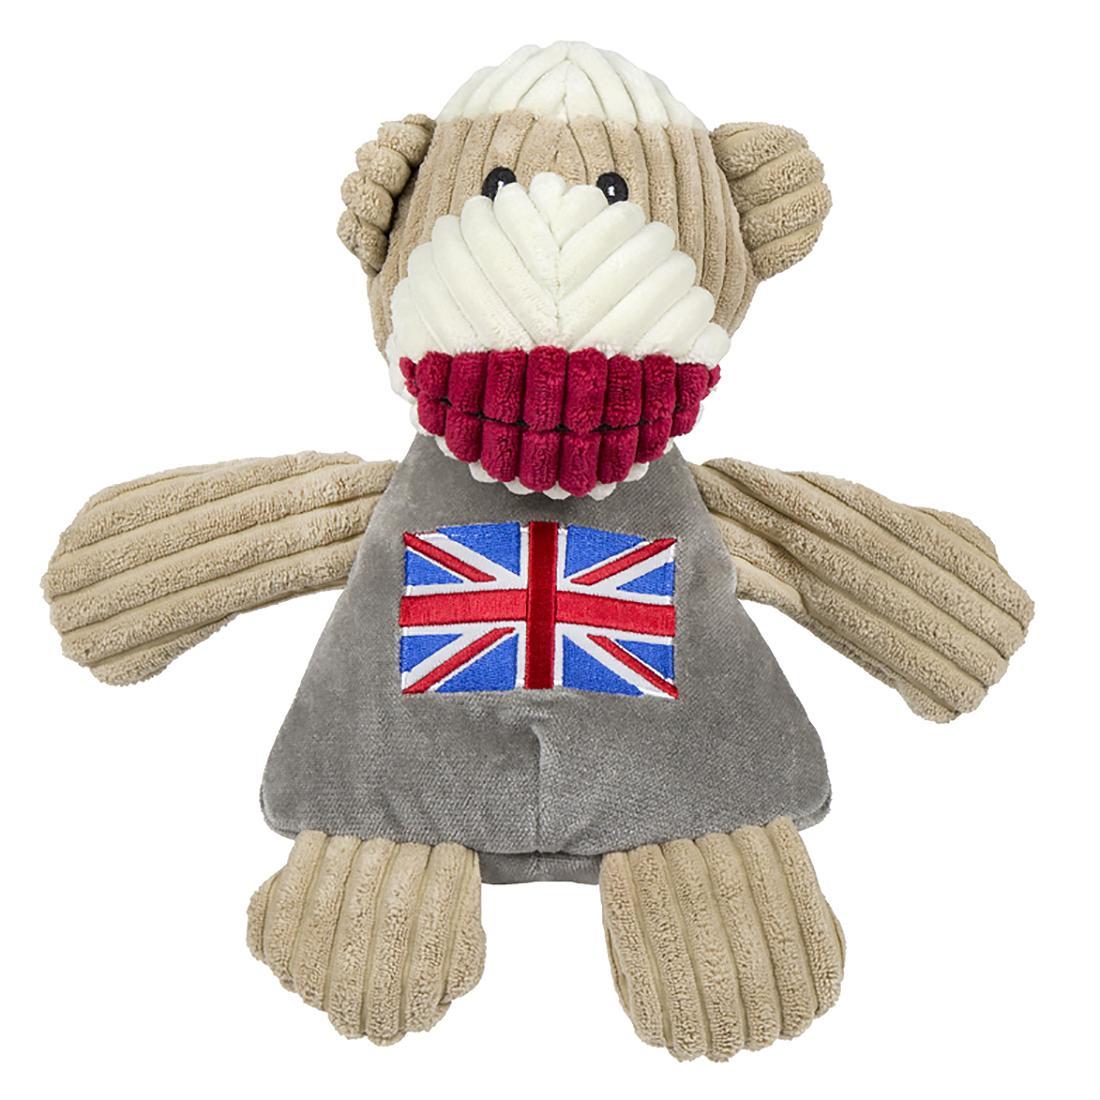 HuggleHounds Sock Monkey Chubbie Buddie Plush Dog Toy - Union Jack